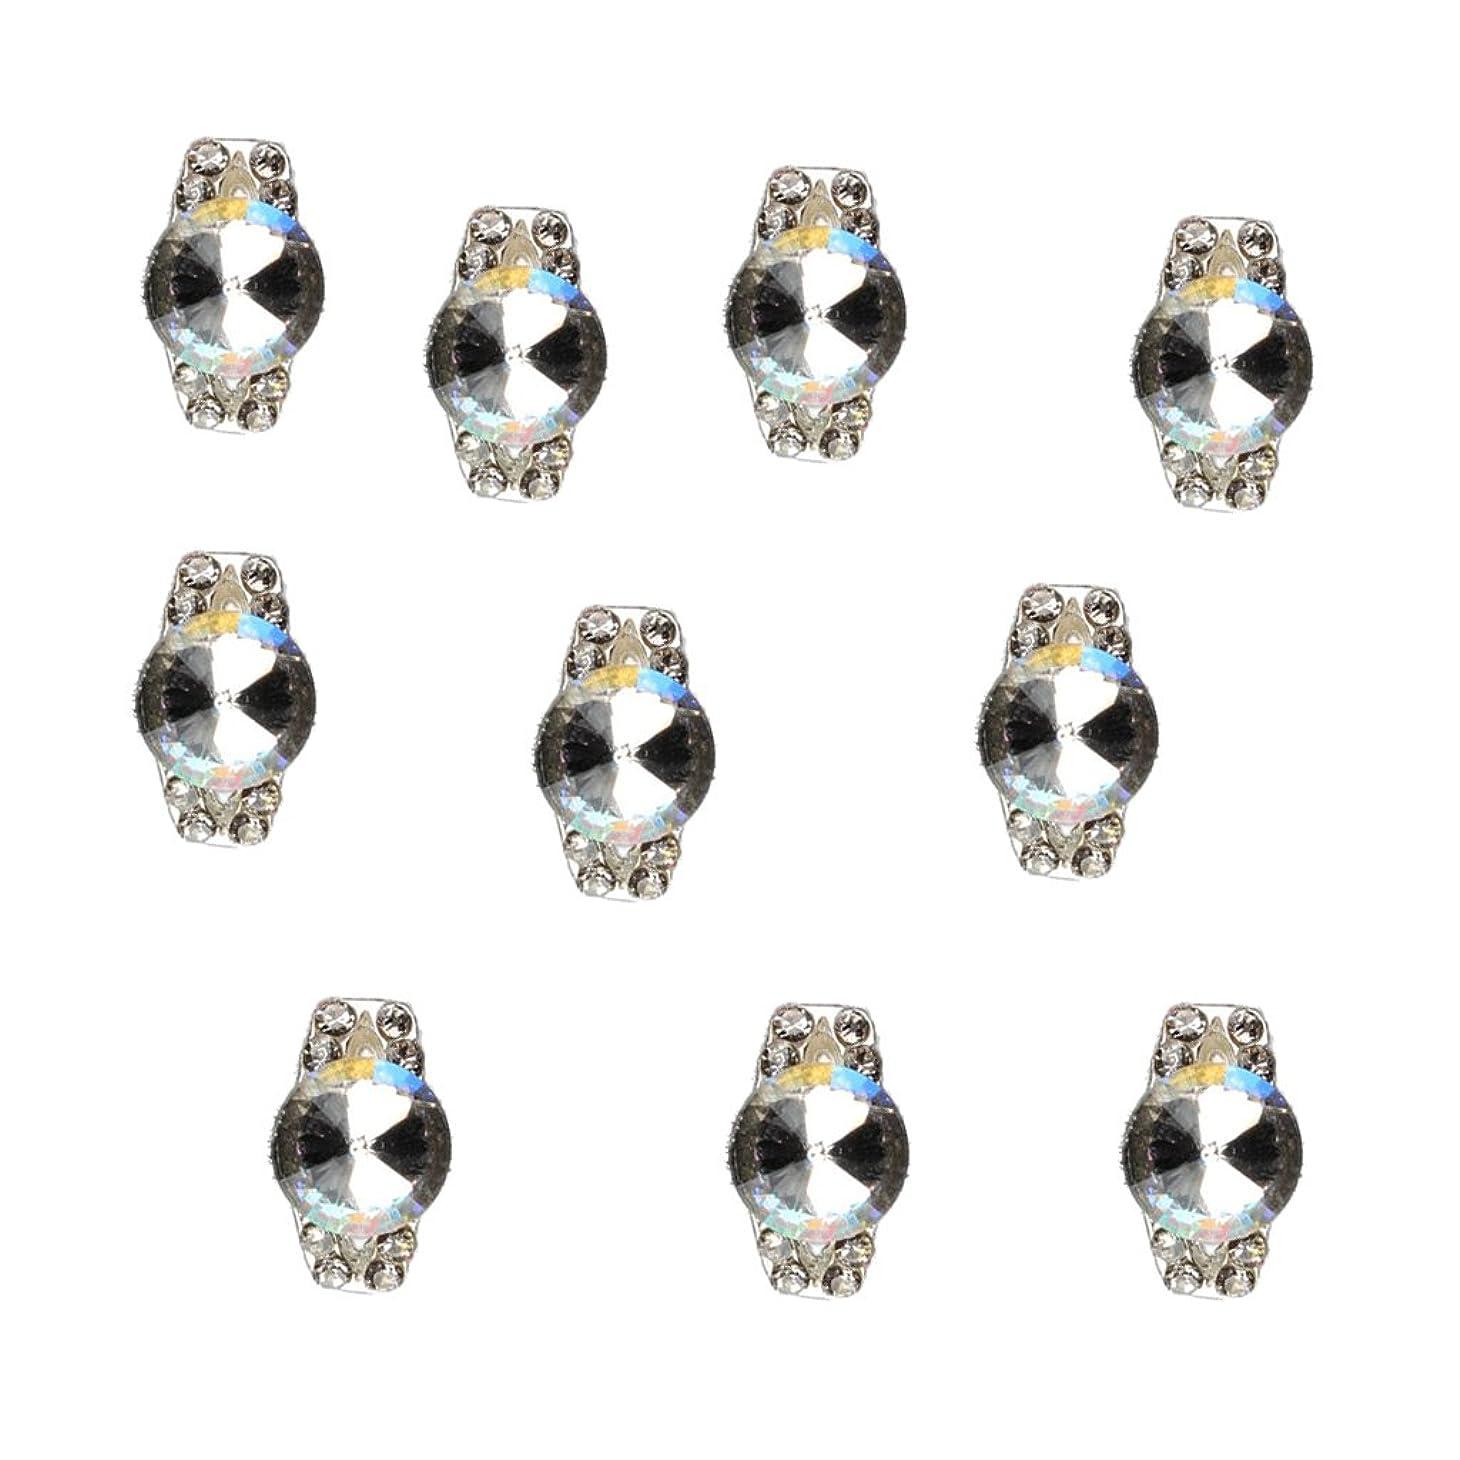 不公平間接的売り手Kesoto 10個 ネイルアート キラキラ ラインストーン ヒント 光沢 ダイヤモンド クリスタルチップ 装飾 5タイプ選べる - #5